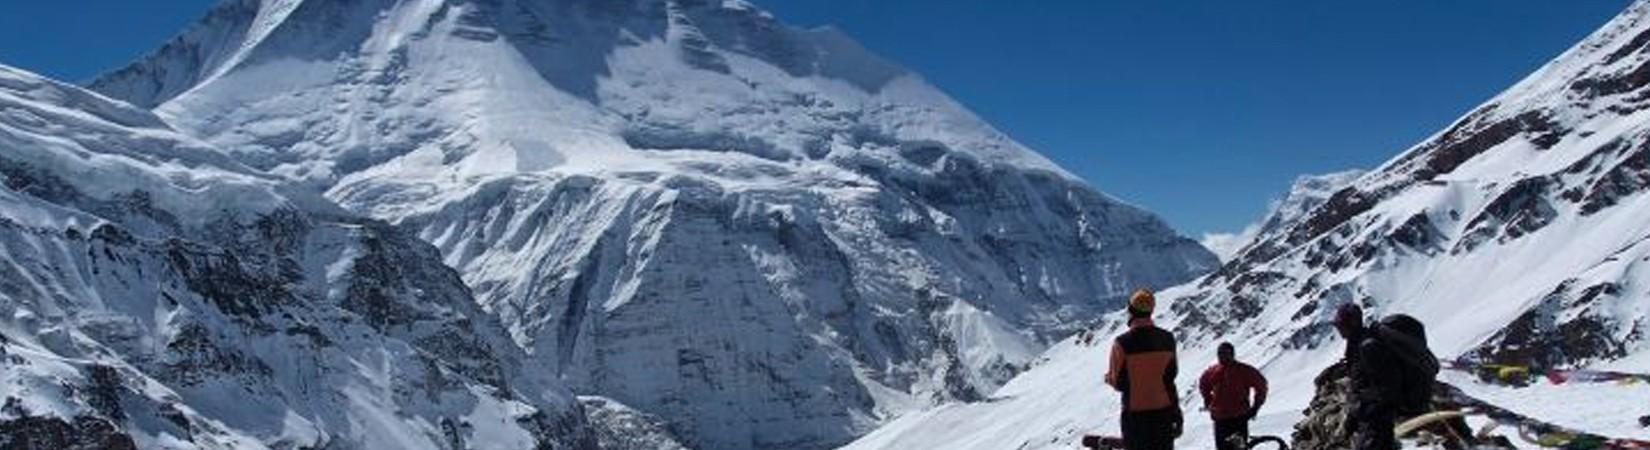 Trekking tour du Dhaulagiri